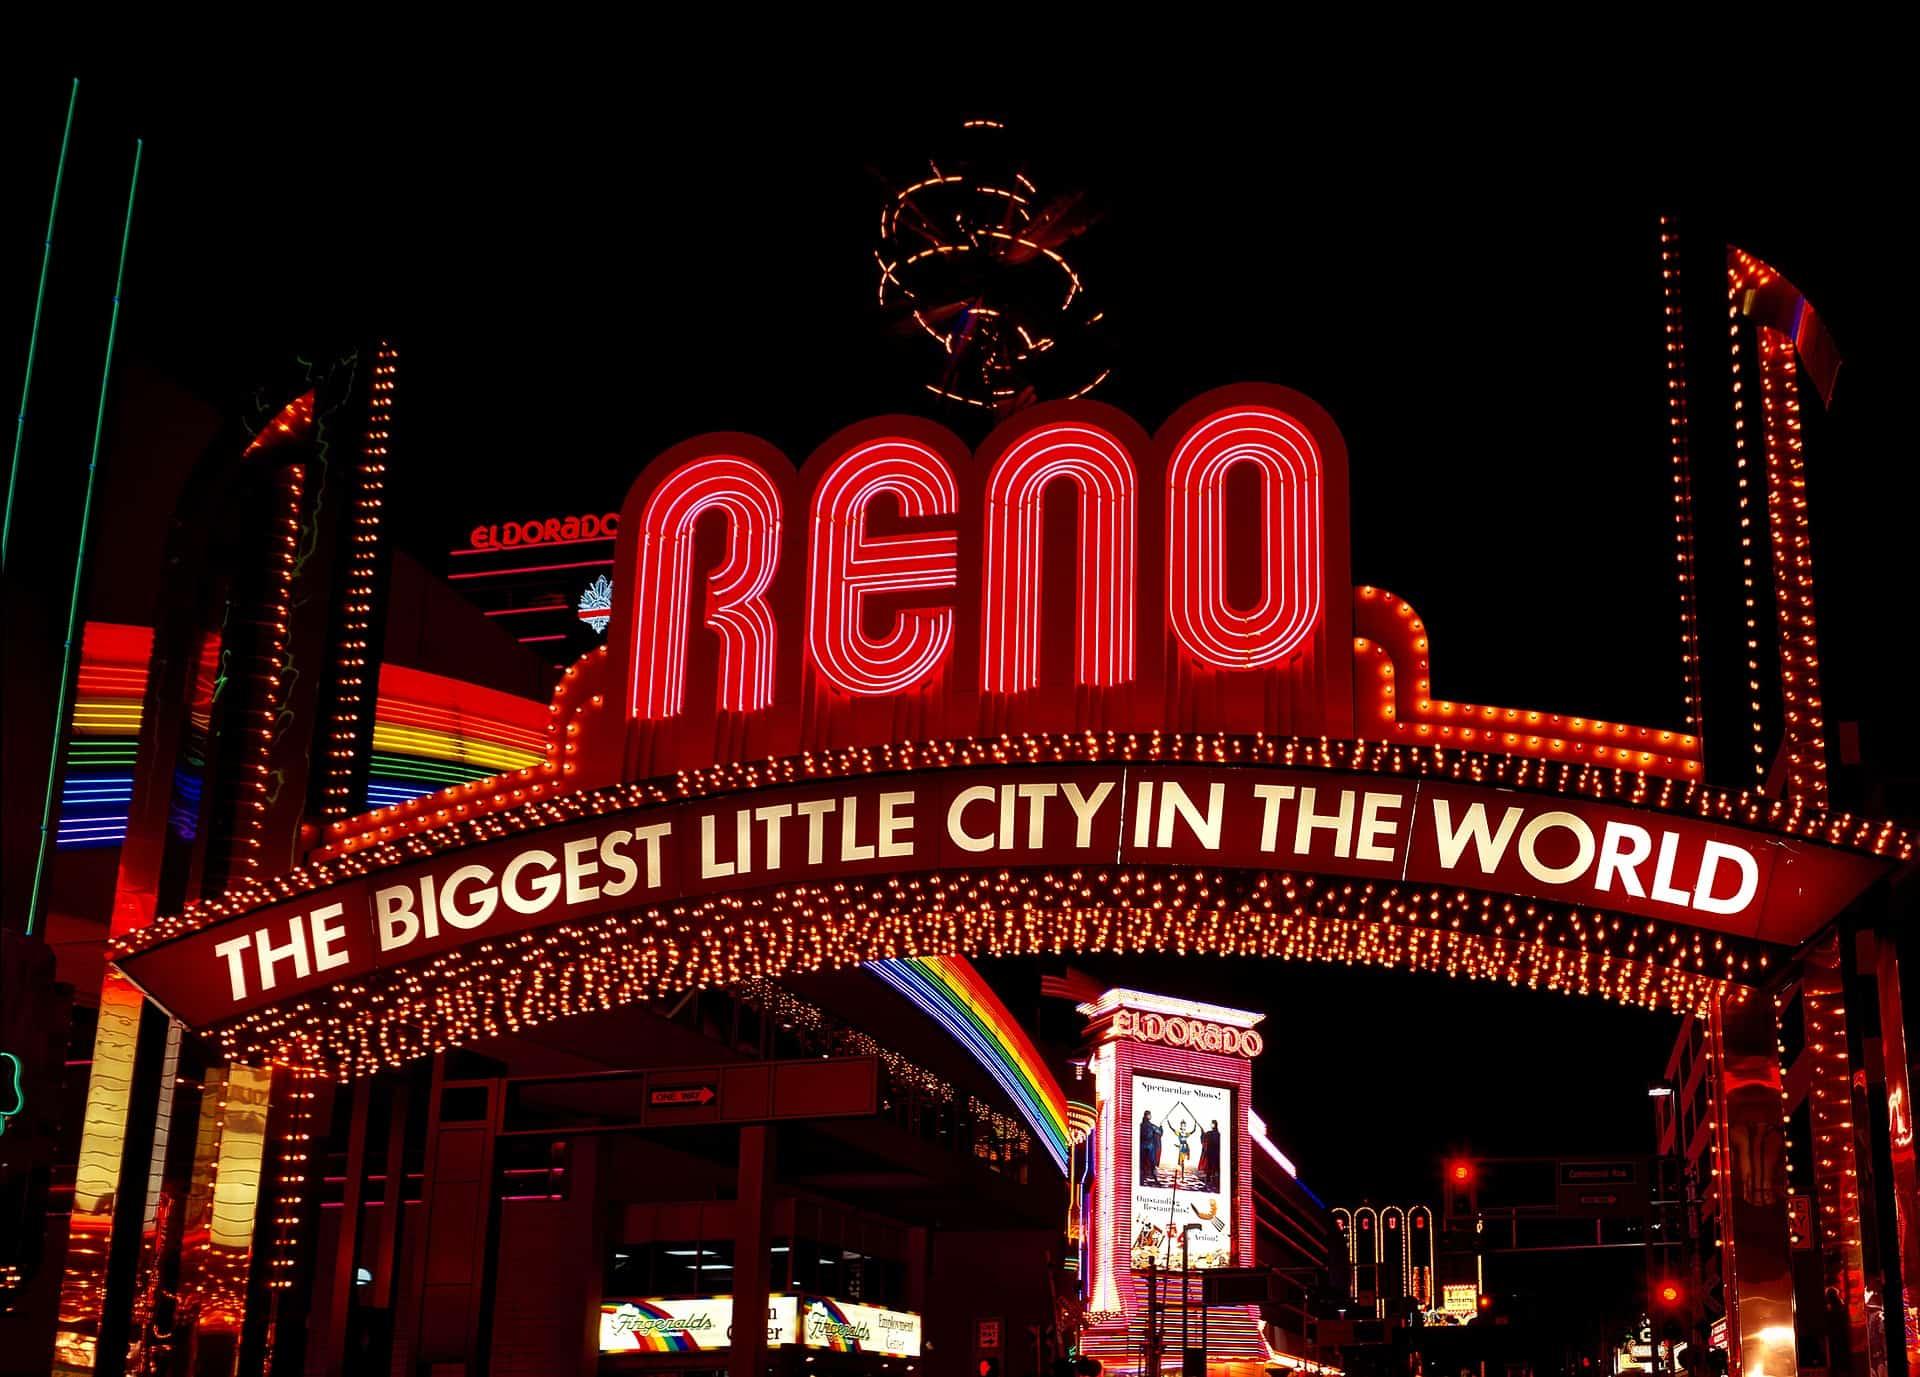 Club di ballo gay Reno